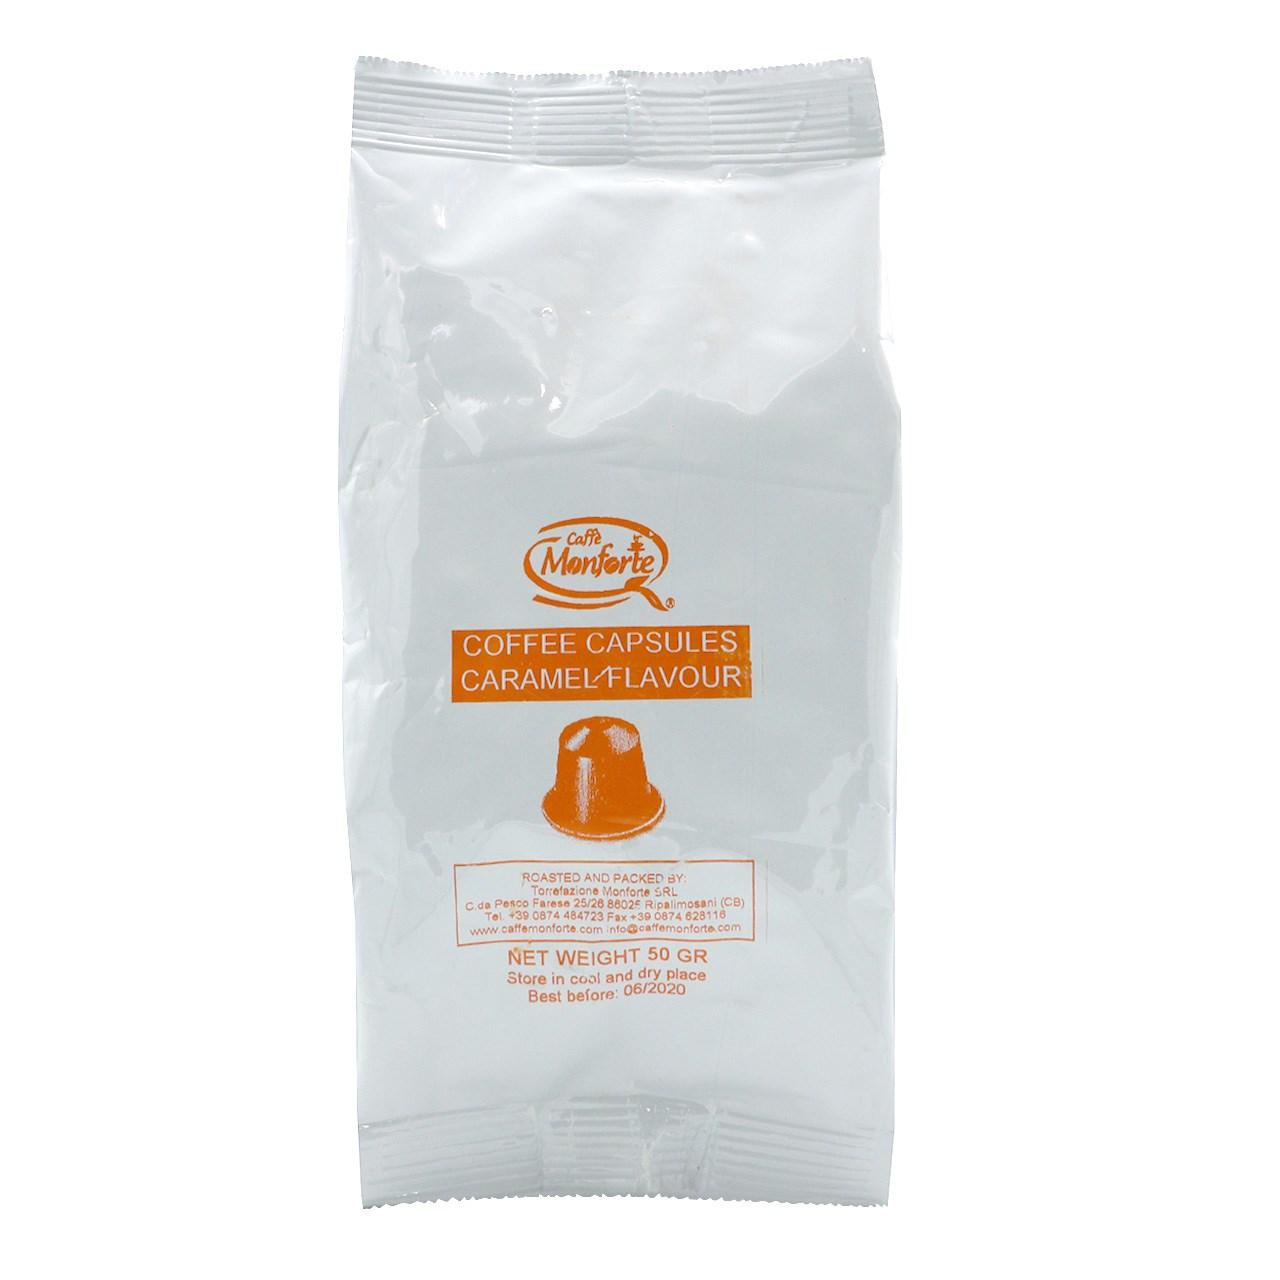 کپسول قهوه اسپرسو کافه مونفورته مدل Caramel Flavour